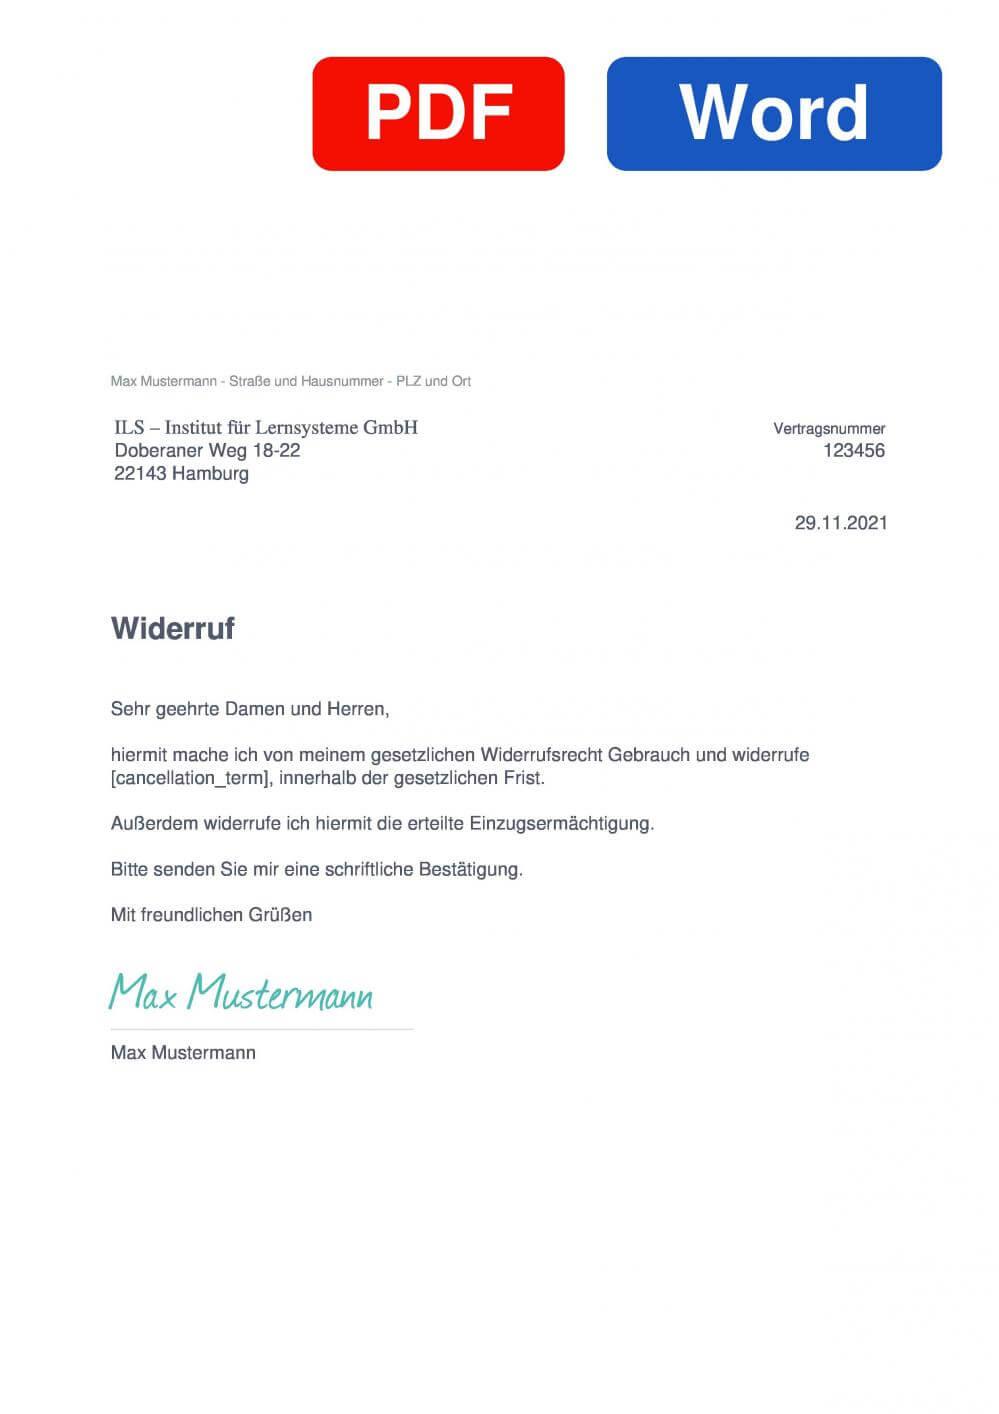 ILS Muster Vorlage für Wiederrufsschreiben